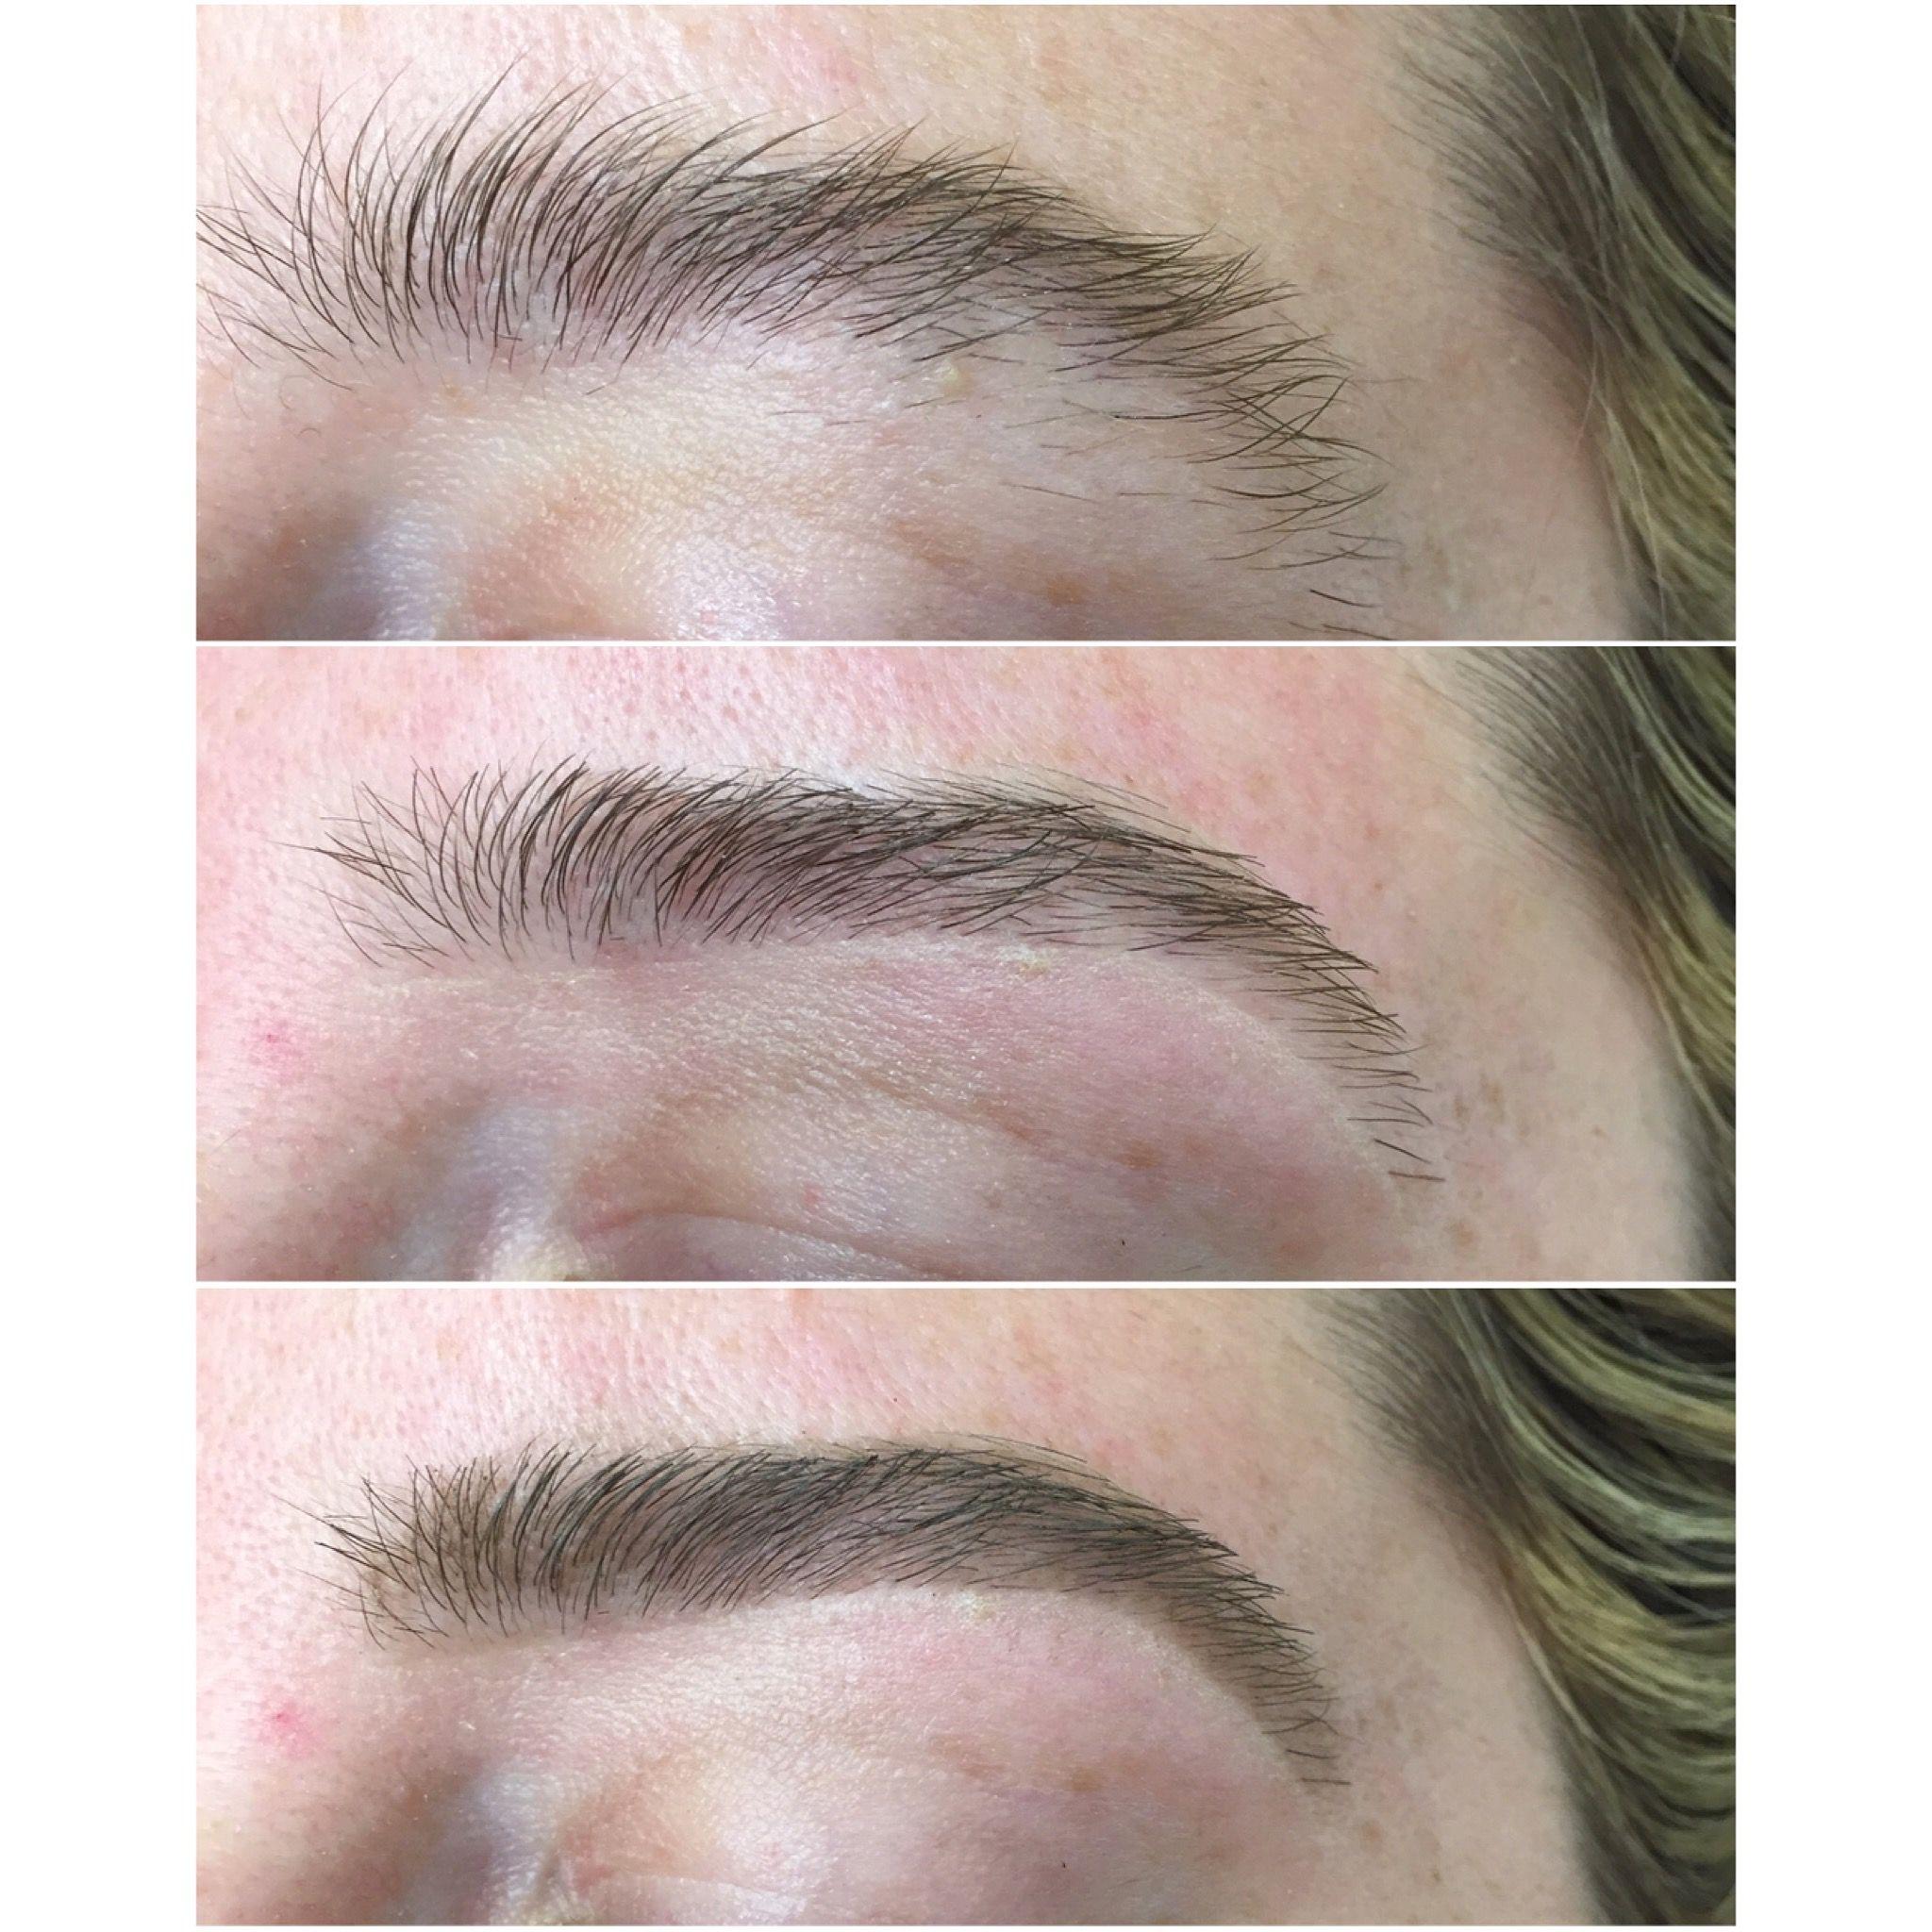 Eyebrow Wax Eyebrow Shape Egzonamua Before And After Eyebrow